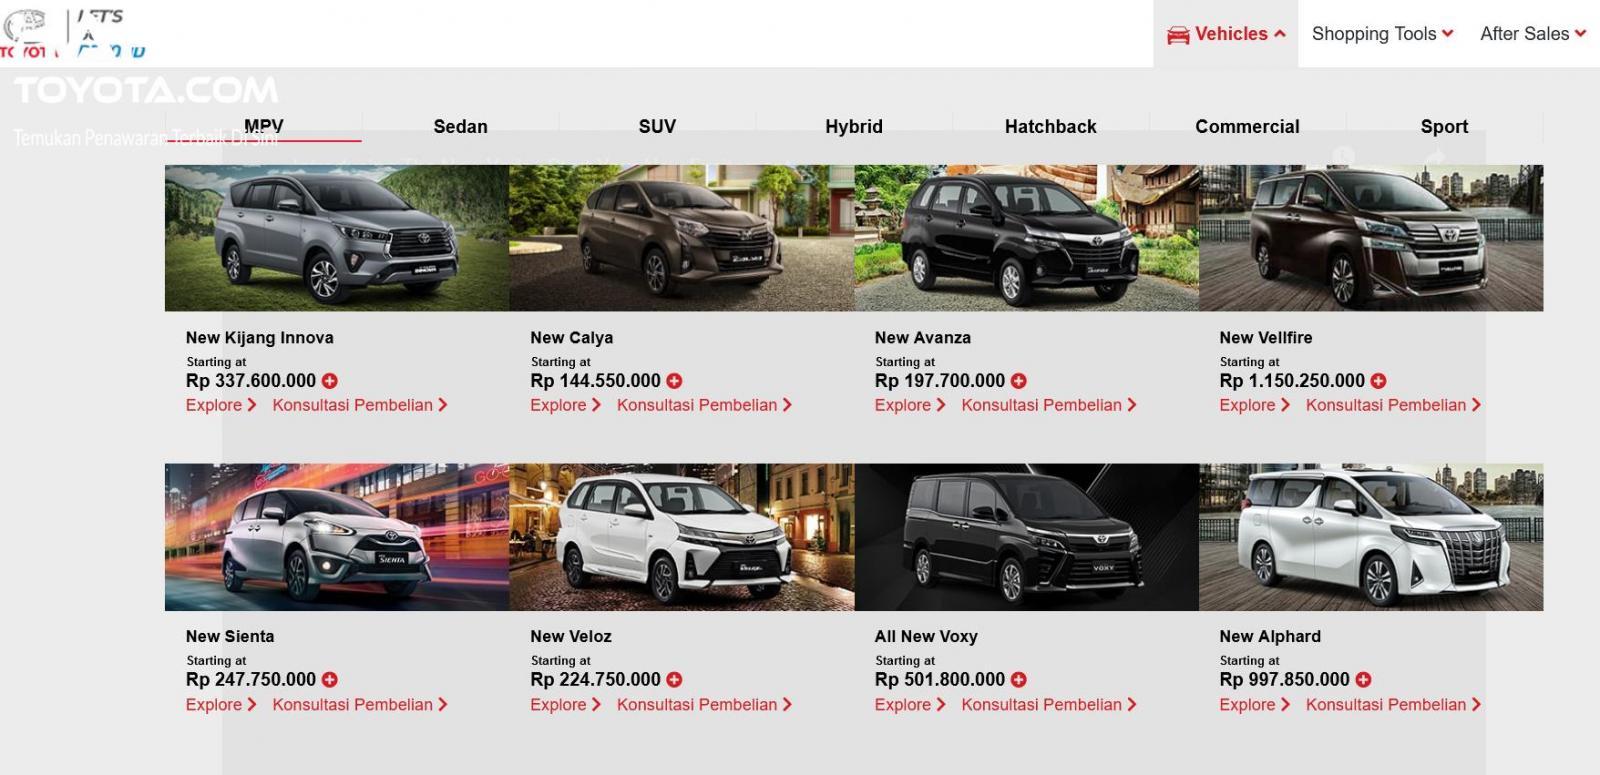 Gambar ini menunjukkan beberapa model mobil dengan harga di laman resmi Toyota